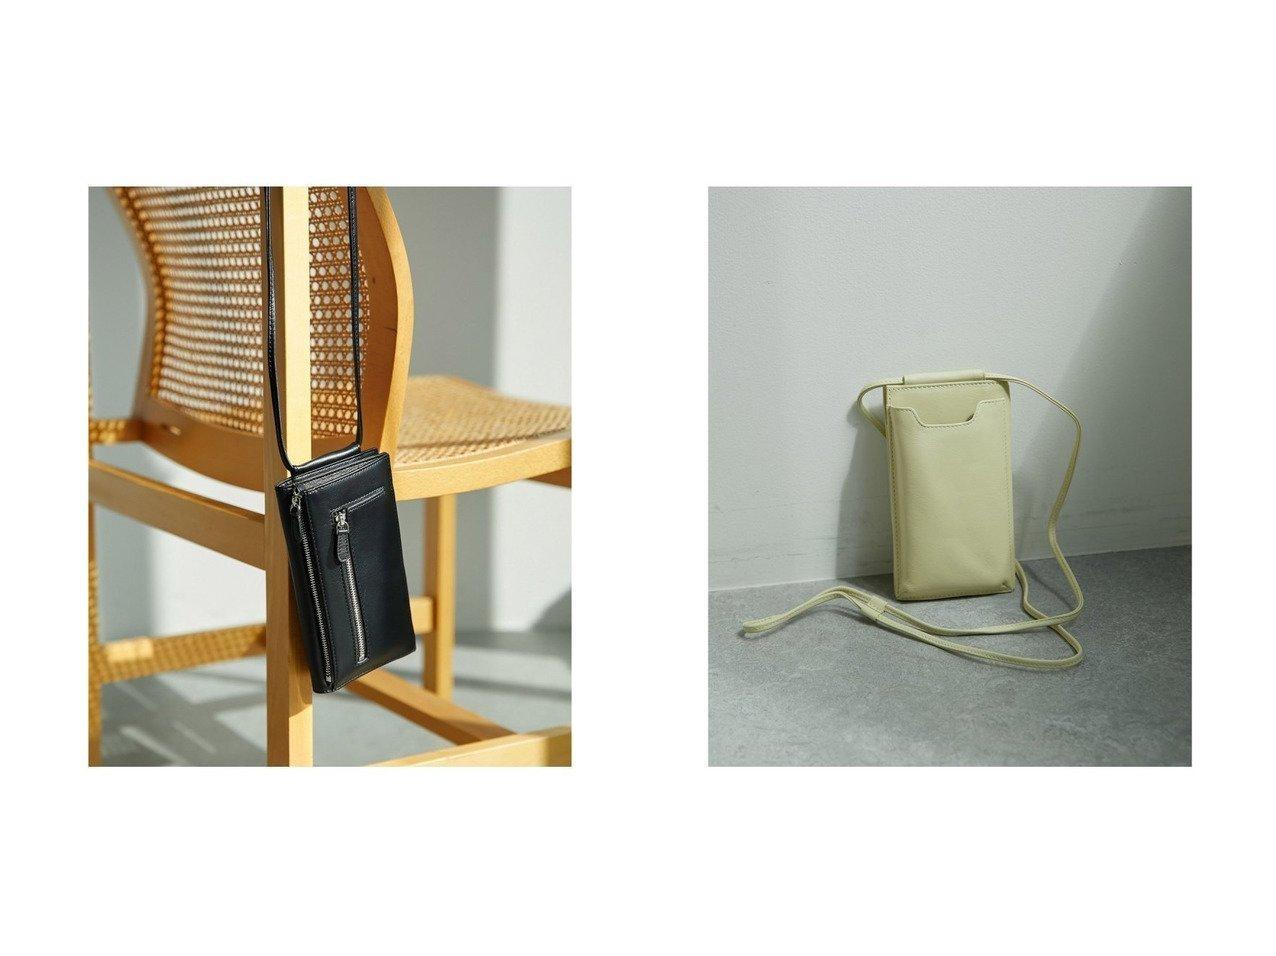 【GALLARDAGALANTE/ガリャルダガランテ】の【CASA】ECOバッグモバイルウォレット 【バッグ・鞄】おすすめ!人気、トレンド・レディースファッションの通販 おすすめで人気の流行・トレンド、ファッションの通販商品 インテリア・家具・メンズファッション・キッズファッション・レディースファッション・服の通販 founy(ファニー) https://founy.com/ ファッション Fashion レディースファッション WOMEN 財布 Wallets イエロー コレクション ショルダー シンプル スマート 財布 なめらか プリント ポシェット 2021年 2021 S/S・春夏 SS・Spring/Summer 2021春夏・S/S SS/Spring/Summer/2021 |ID:crp329100000068604